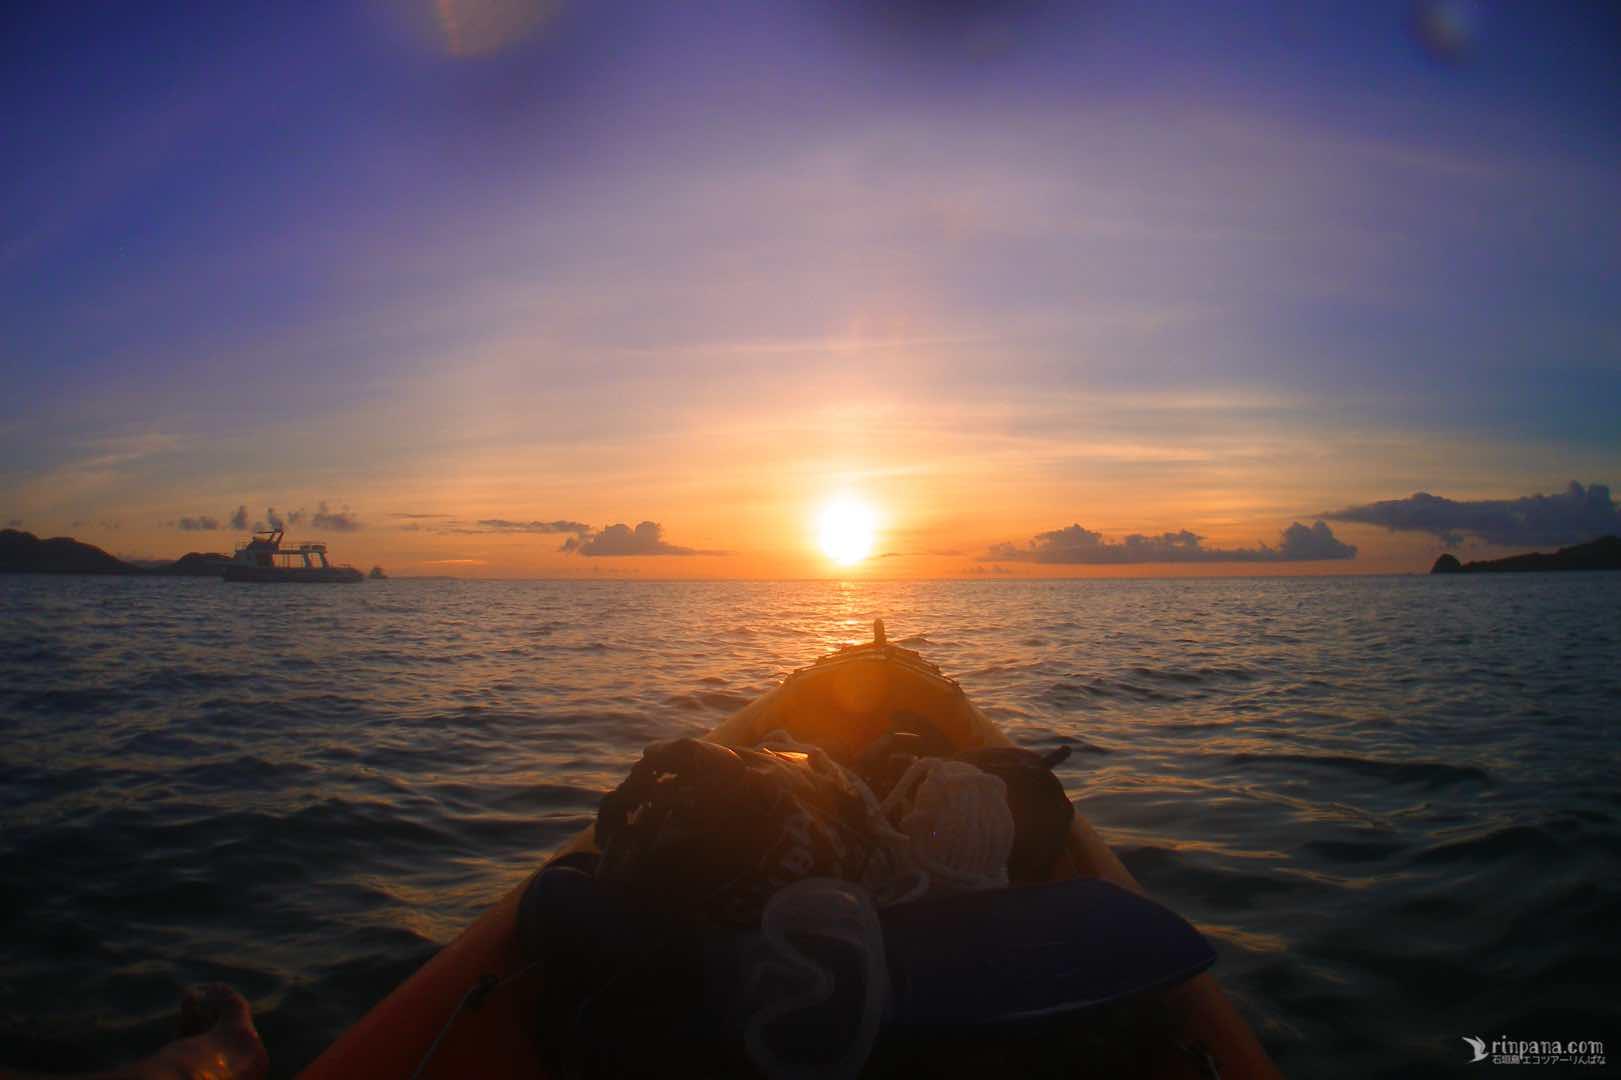 カヌーから眺める夕陽はこんな風に見えます